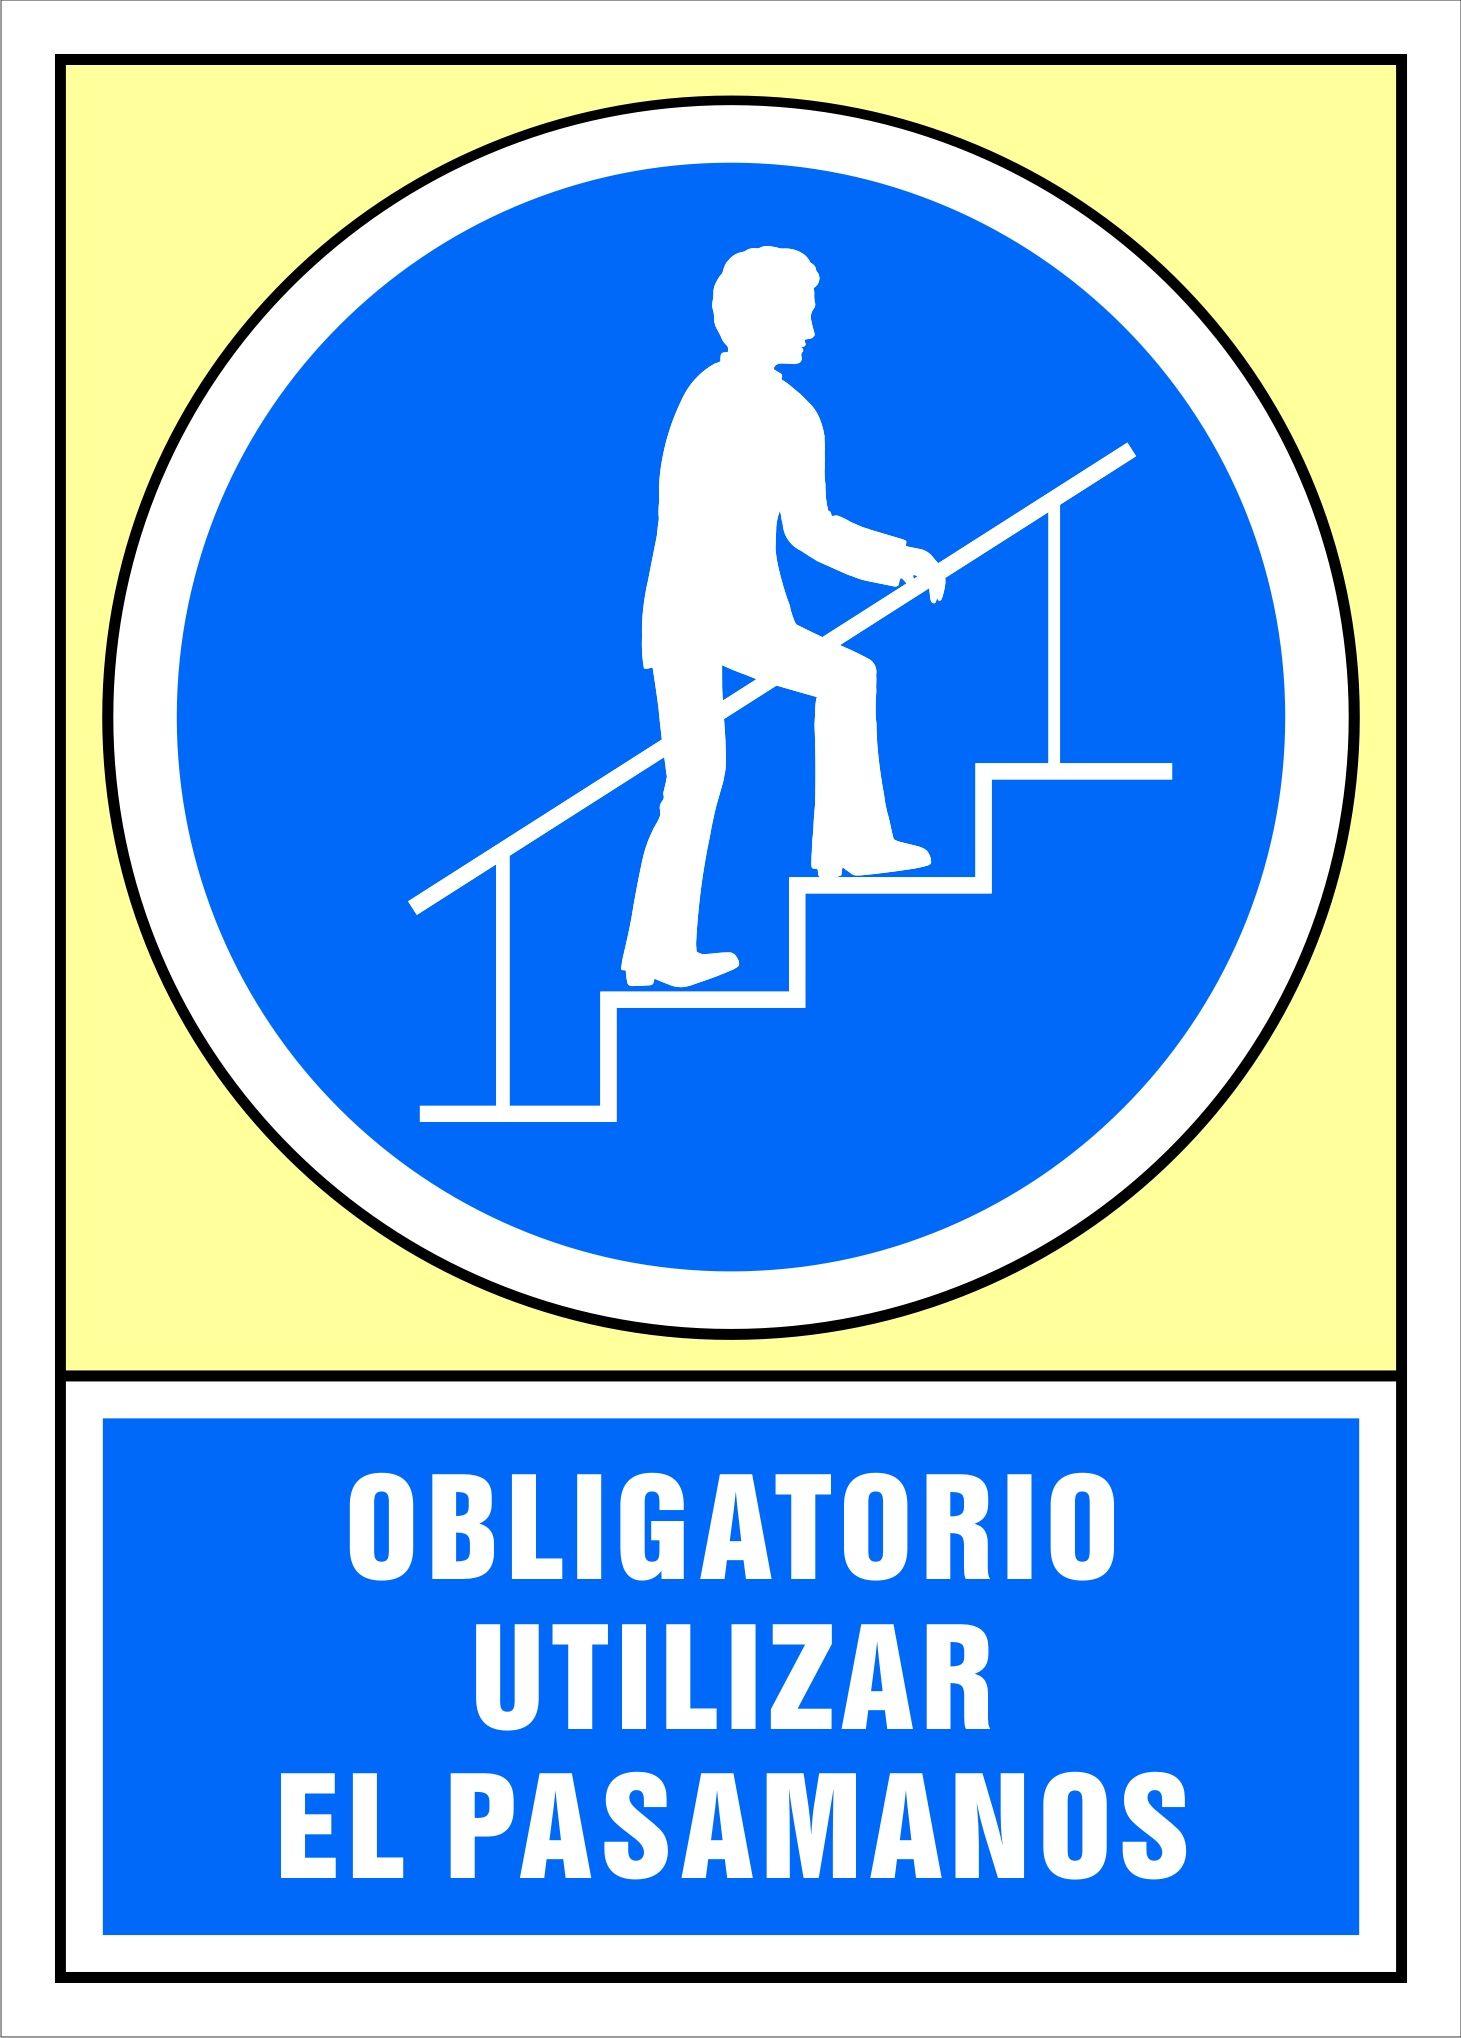 Senal Obligatorio Utilizar El Pasamanos Carteles De Seguridad